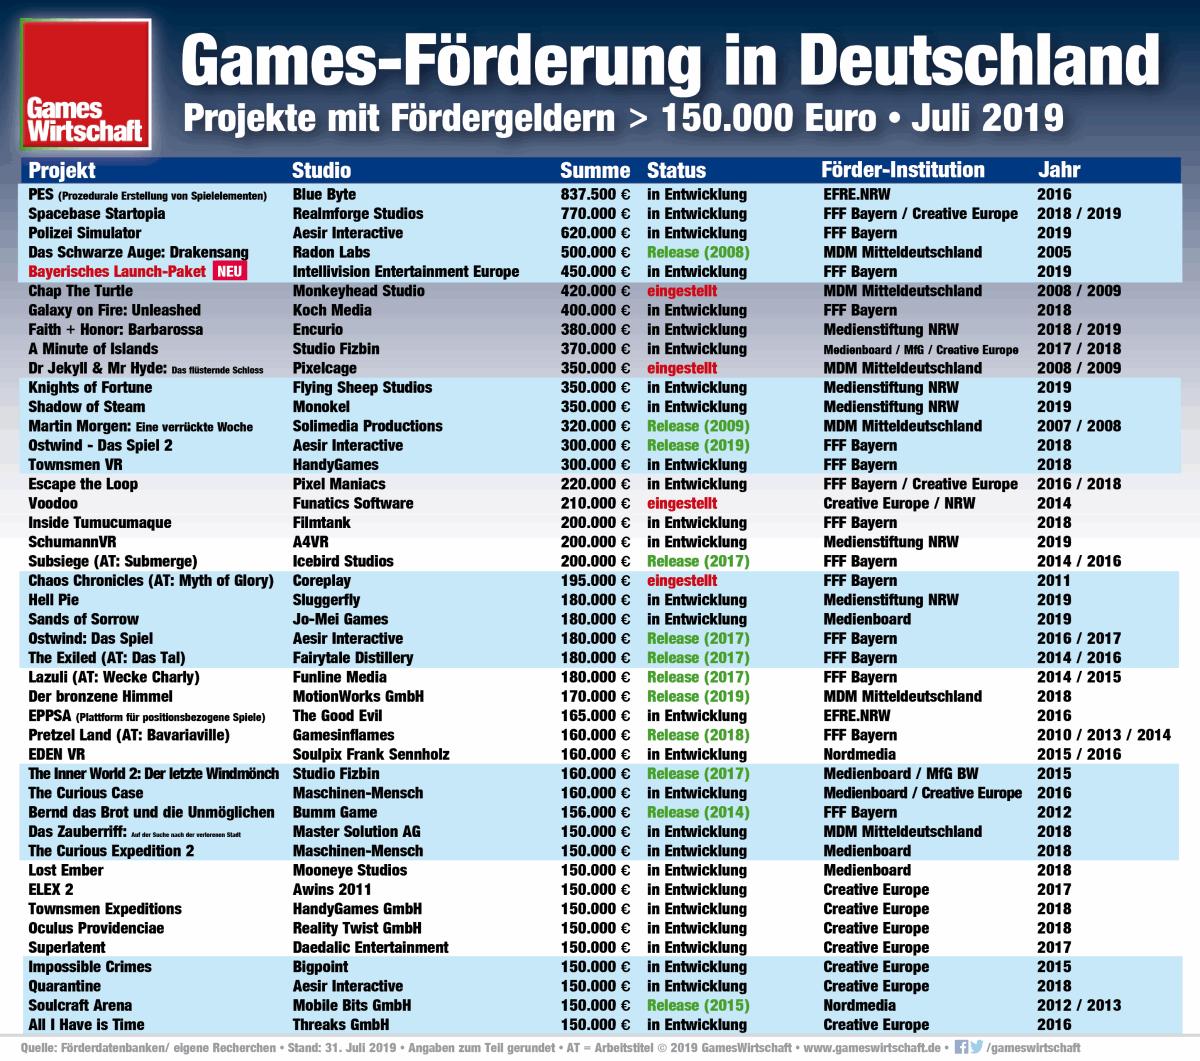 Computerspiele-Förderung in Deutschland: Das sind die Projekte mit den höchsten staatlichen Zuschüssen (Stand: 21.7.2019)